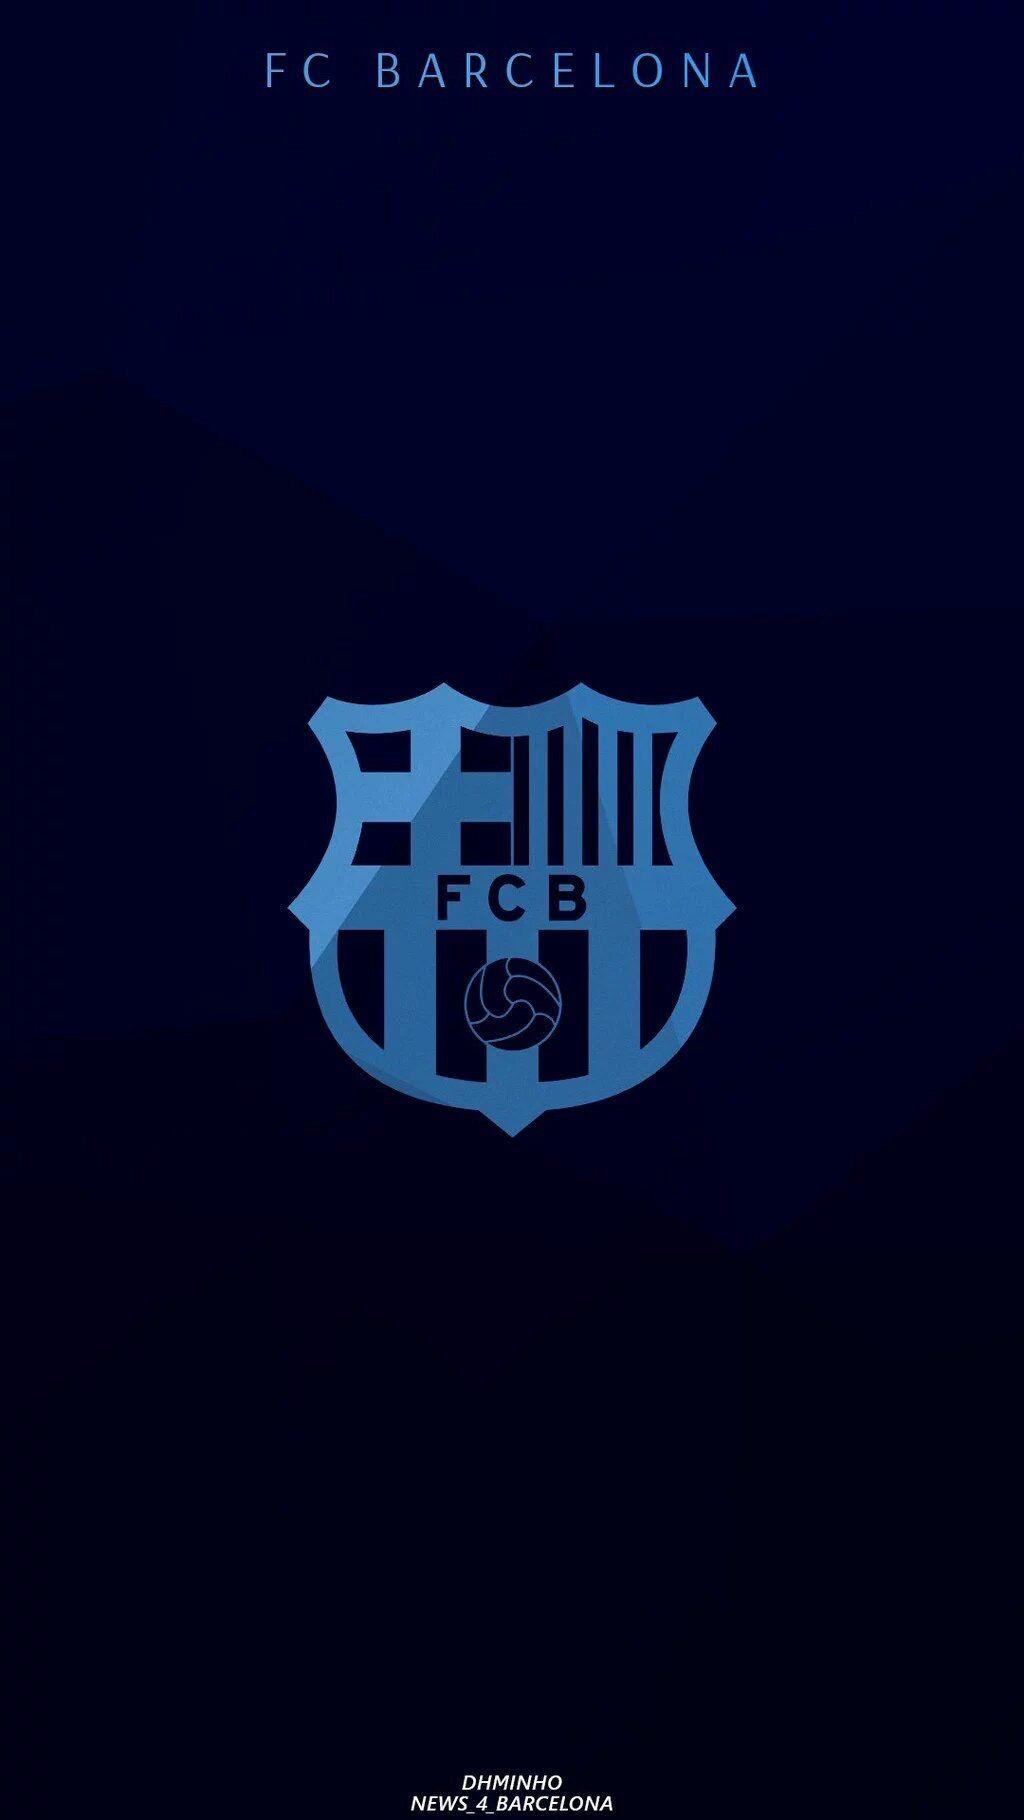 Top Wallpaper Logo Messi - 9a3001230db4c179d5c6ead0456fef93  Photograph_711797.jpg